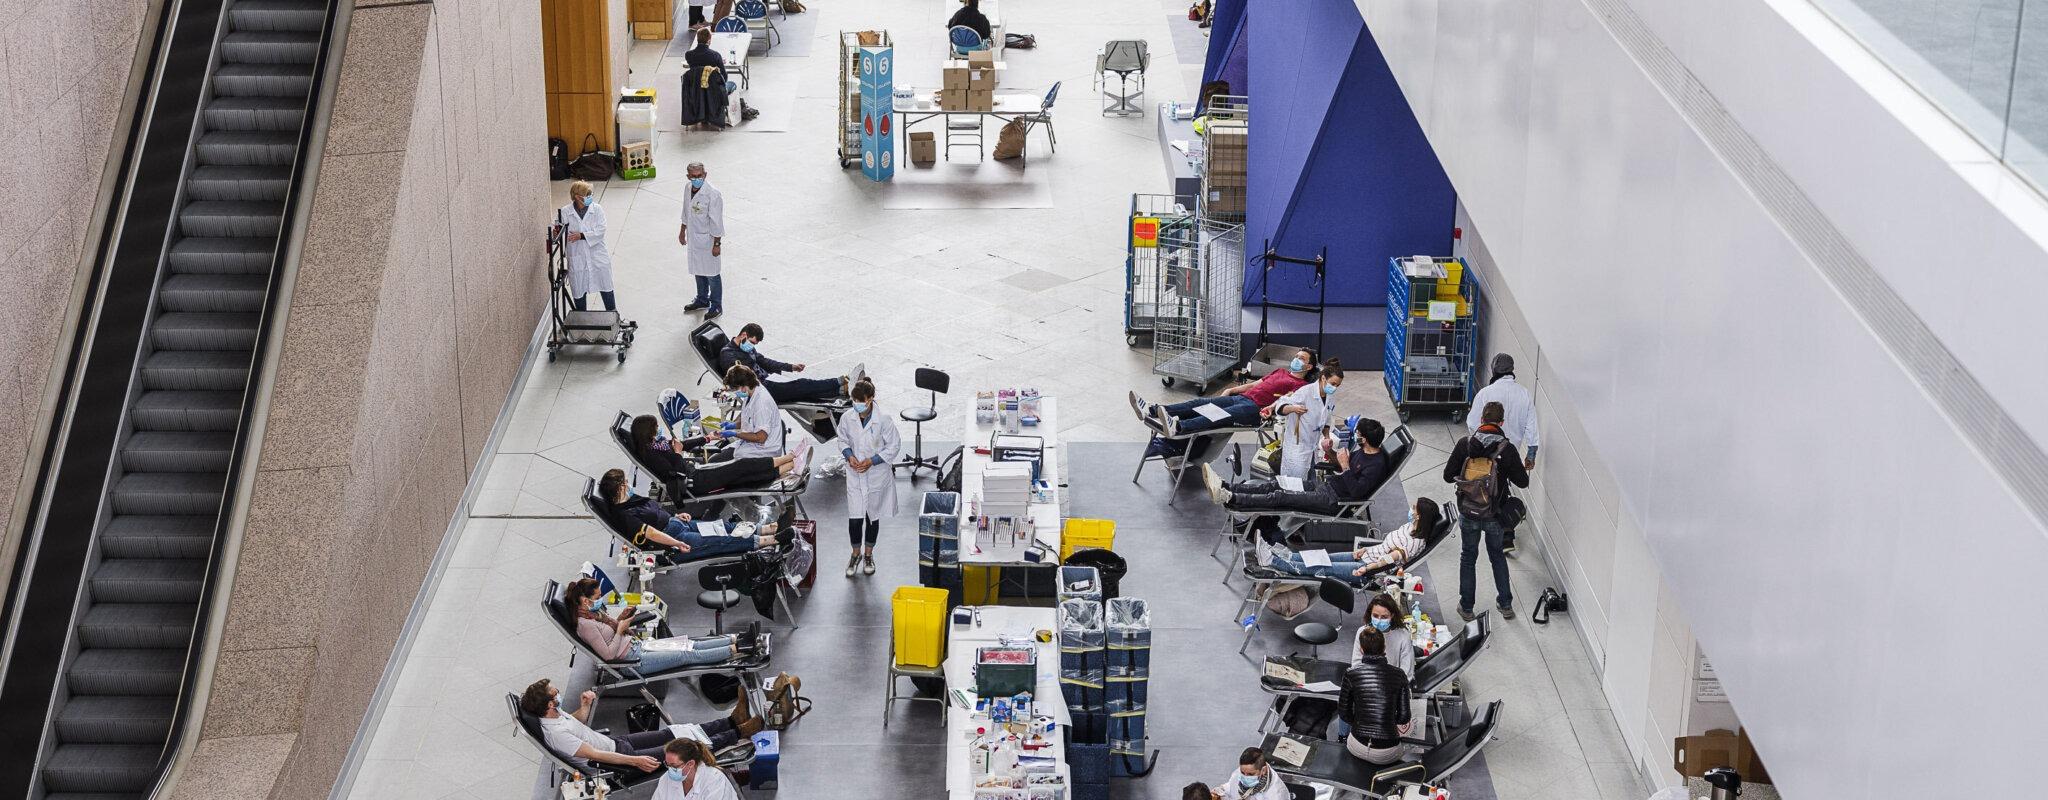 Donner du sang, contempler des œuvres et voir des gens, des «moments volés» au Musée d'art moderne